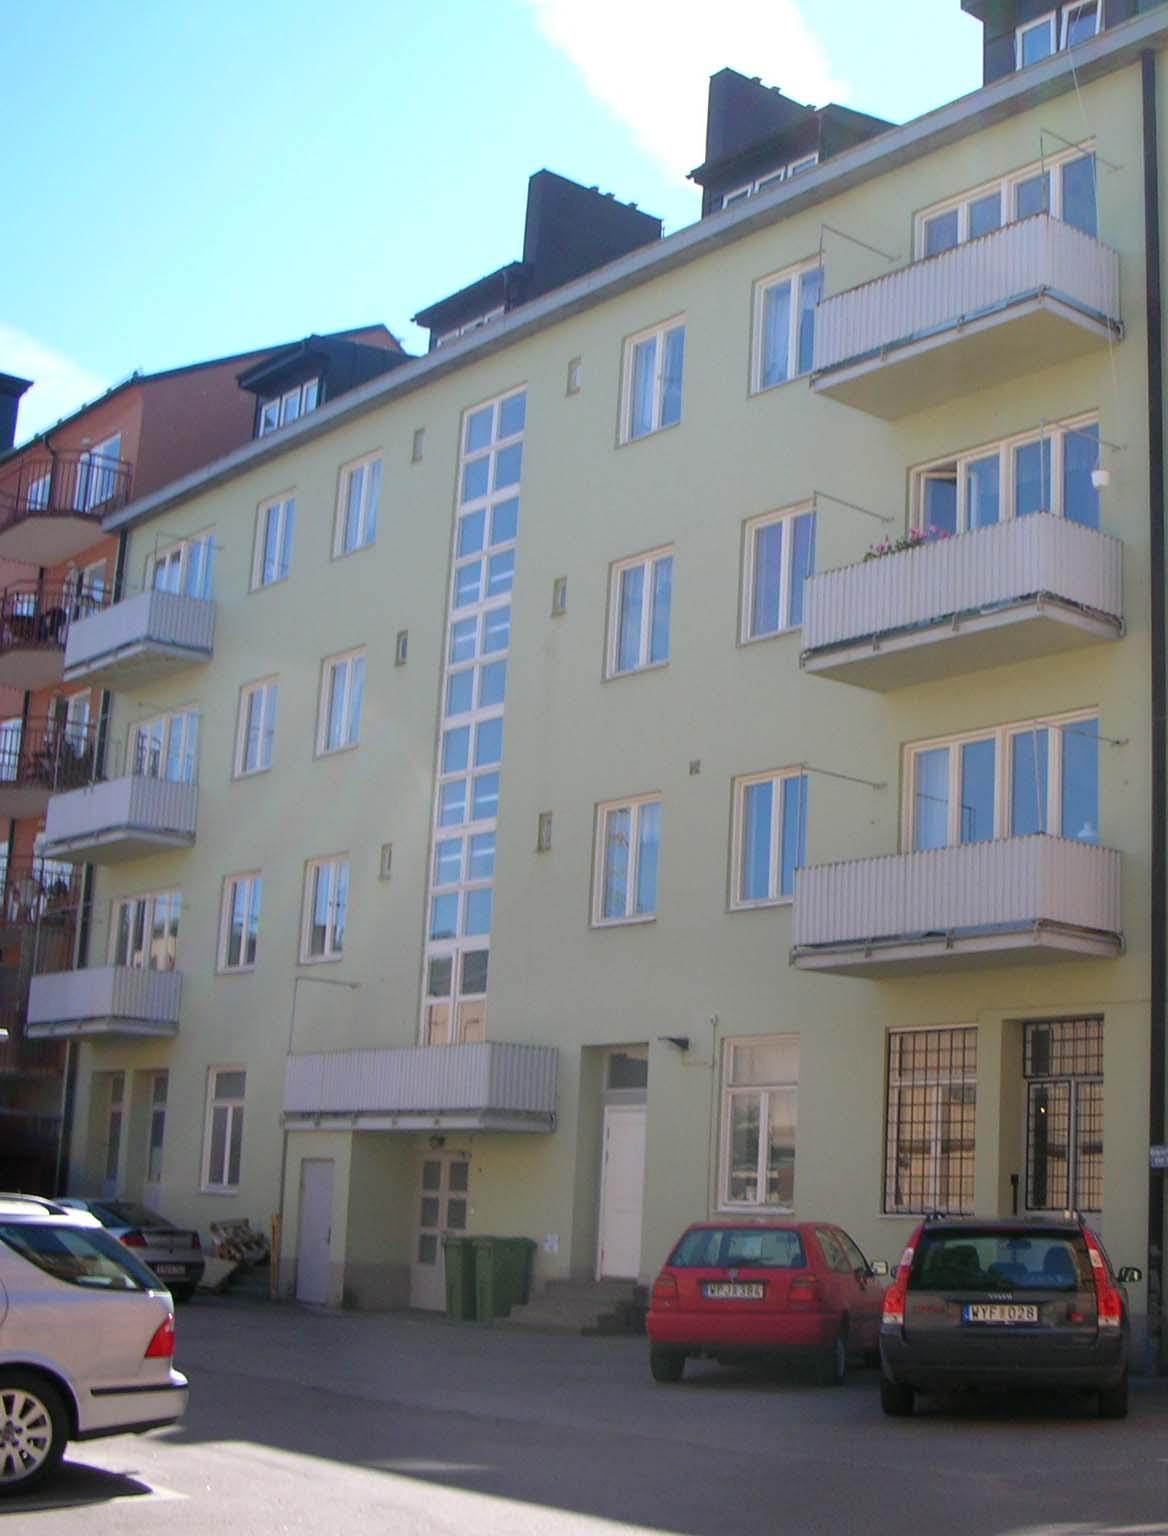 baggen26_baksida_balkonger